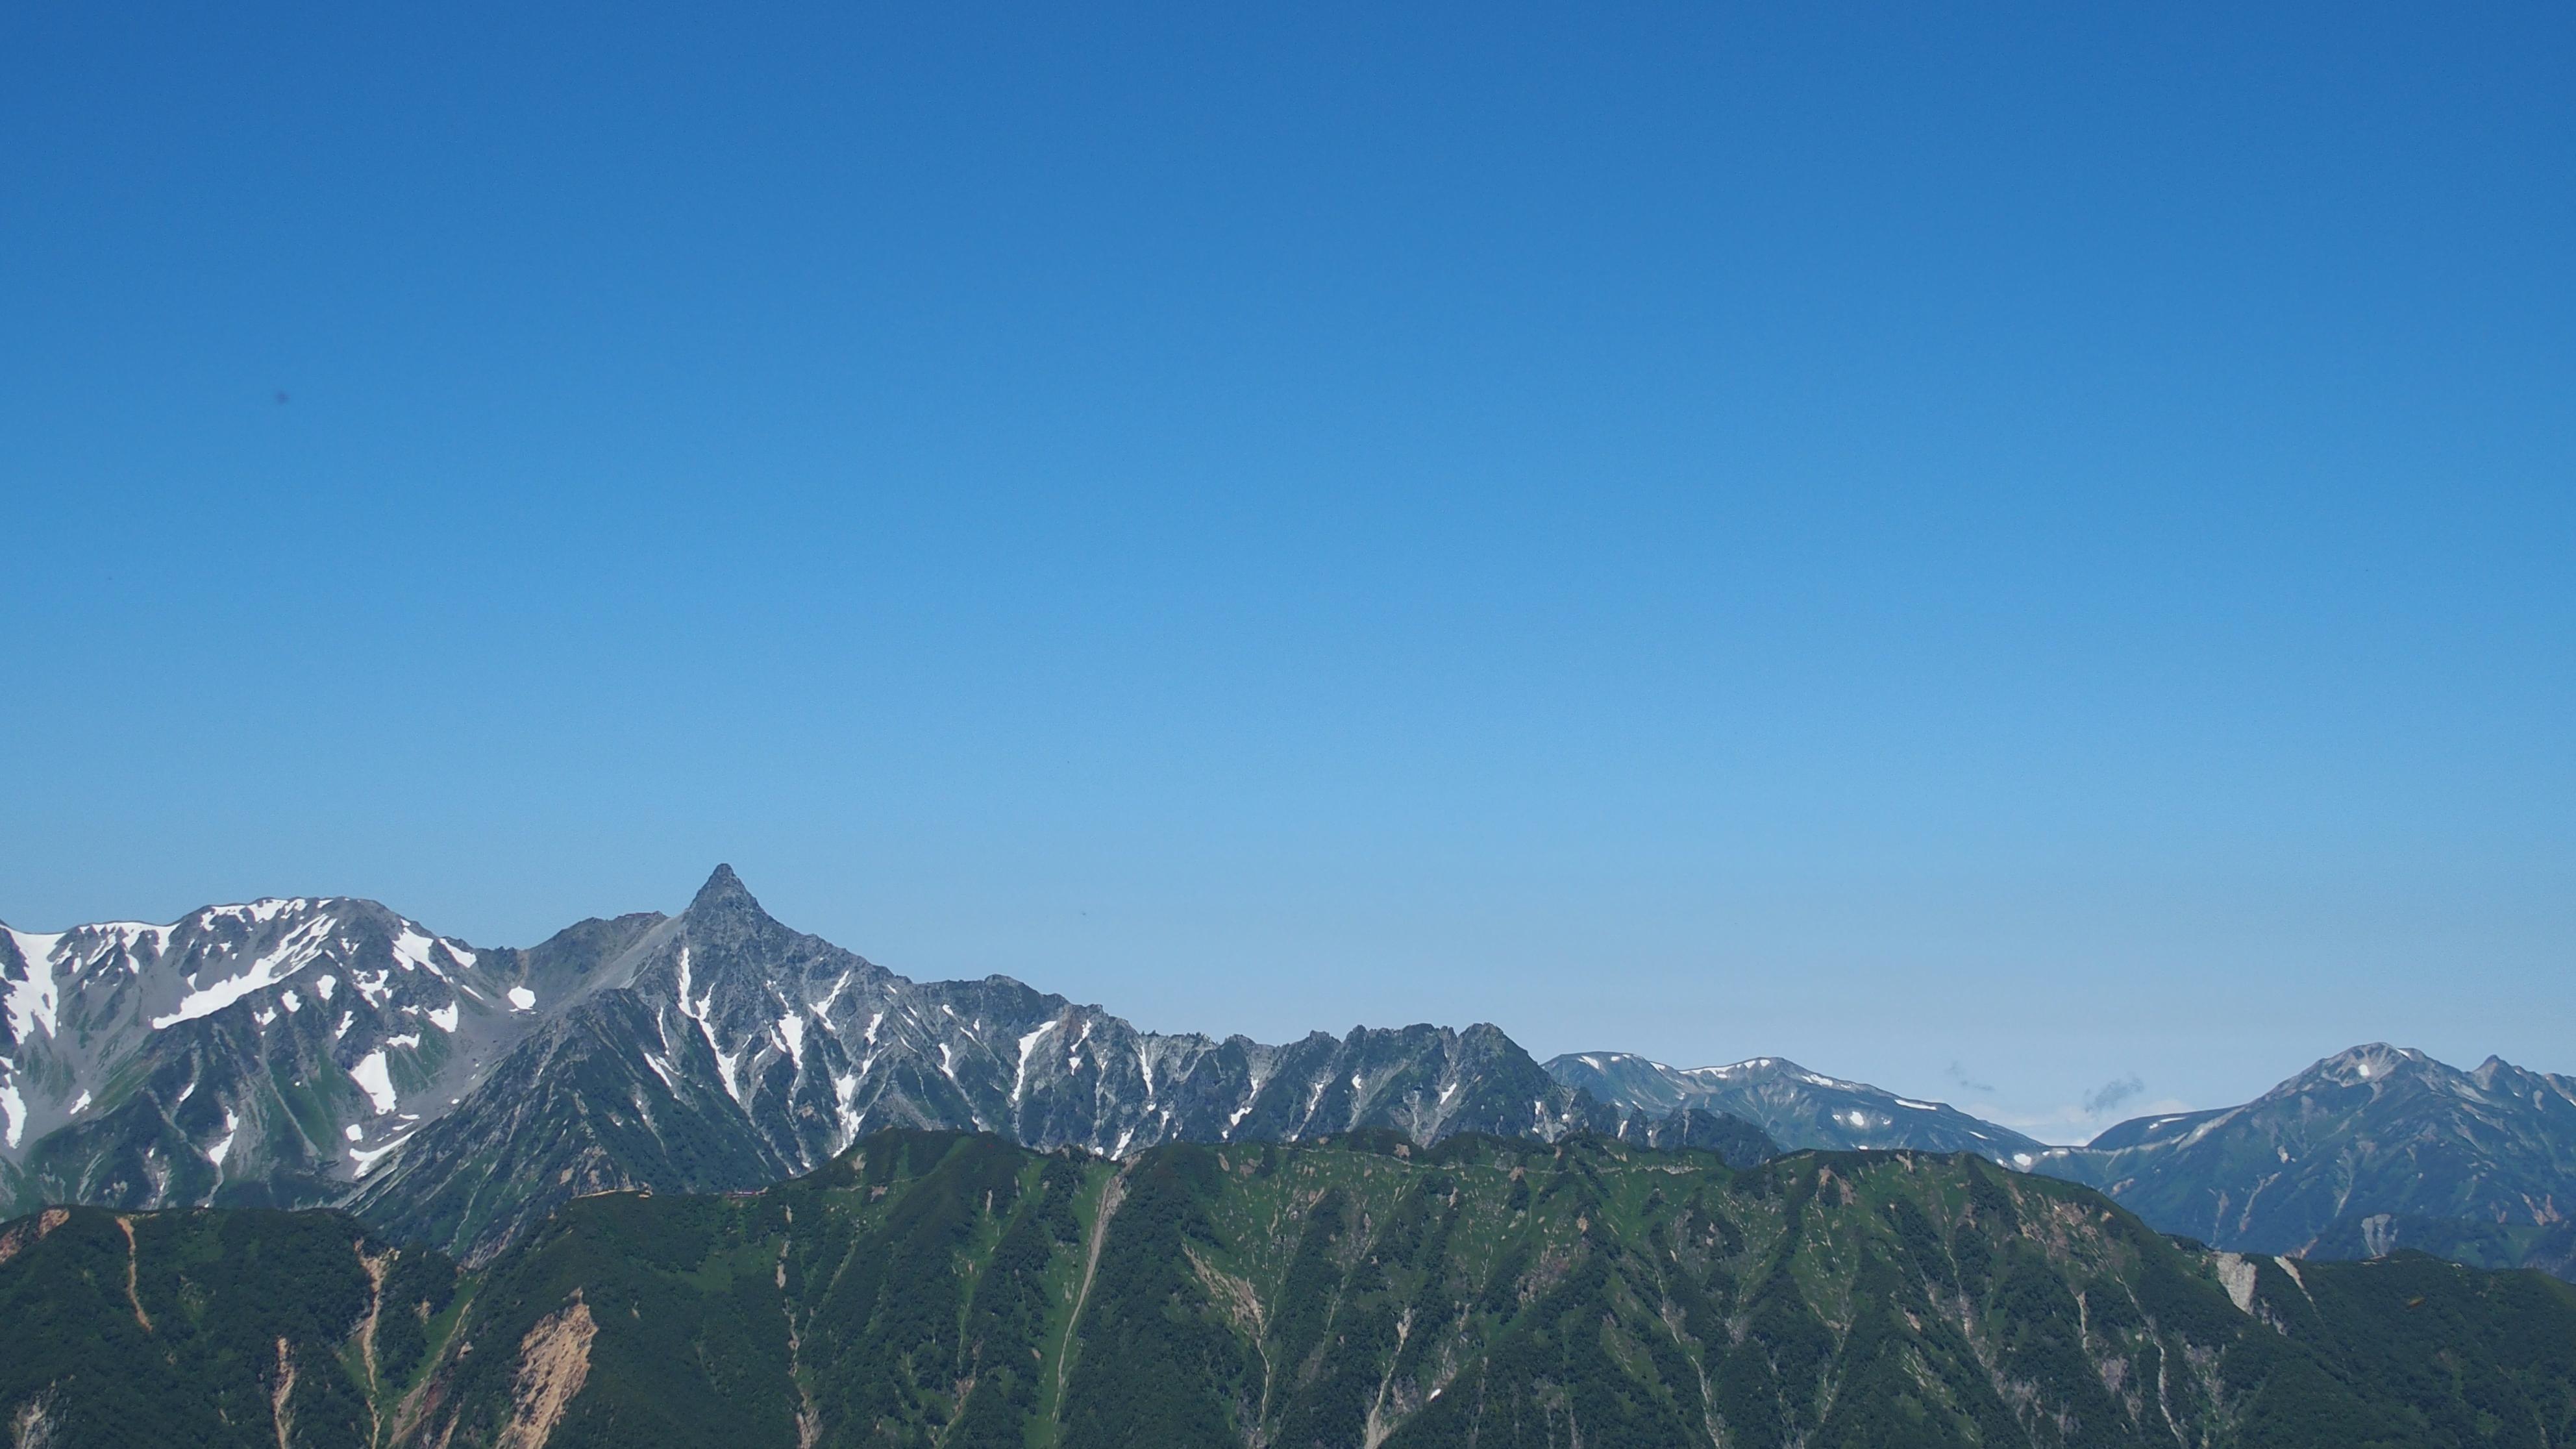 常念岳・常念岳山頂からの槍ヶ岳